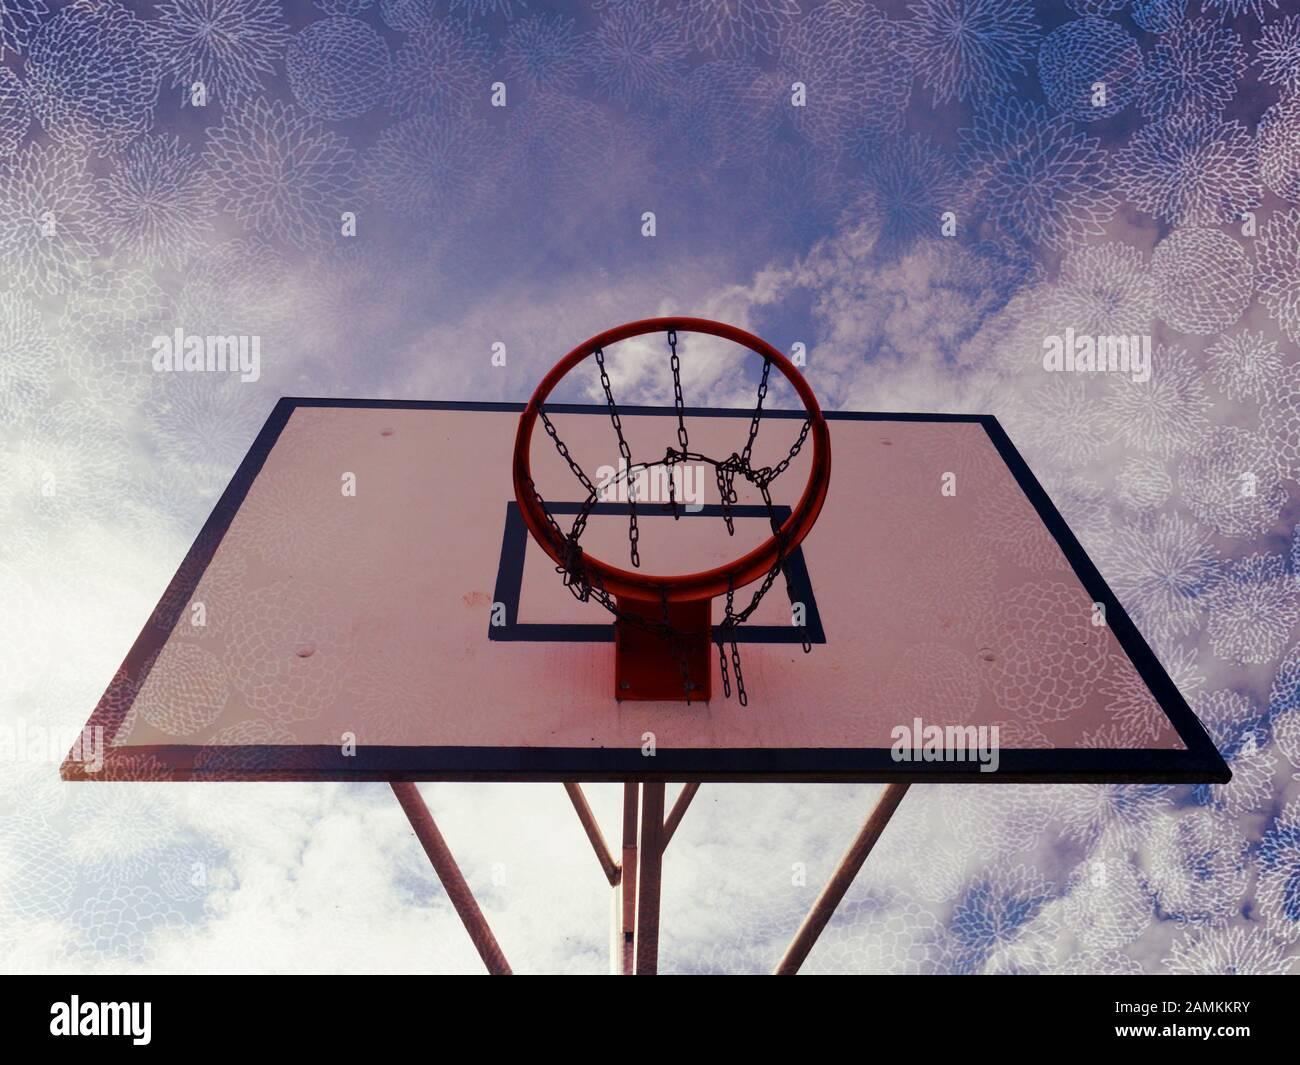 Aro de baloncesto, baloncesto net en una cancha de baloncesto en un juego de baloncesto. El fondo es el azul claro del cielo. Filtro abstracta. Foto de stock